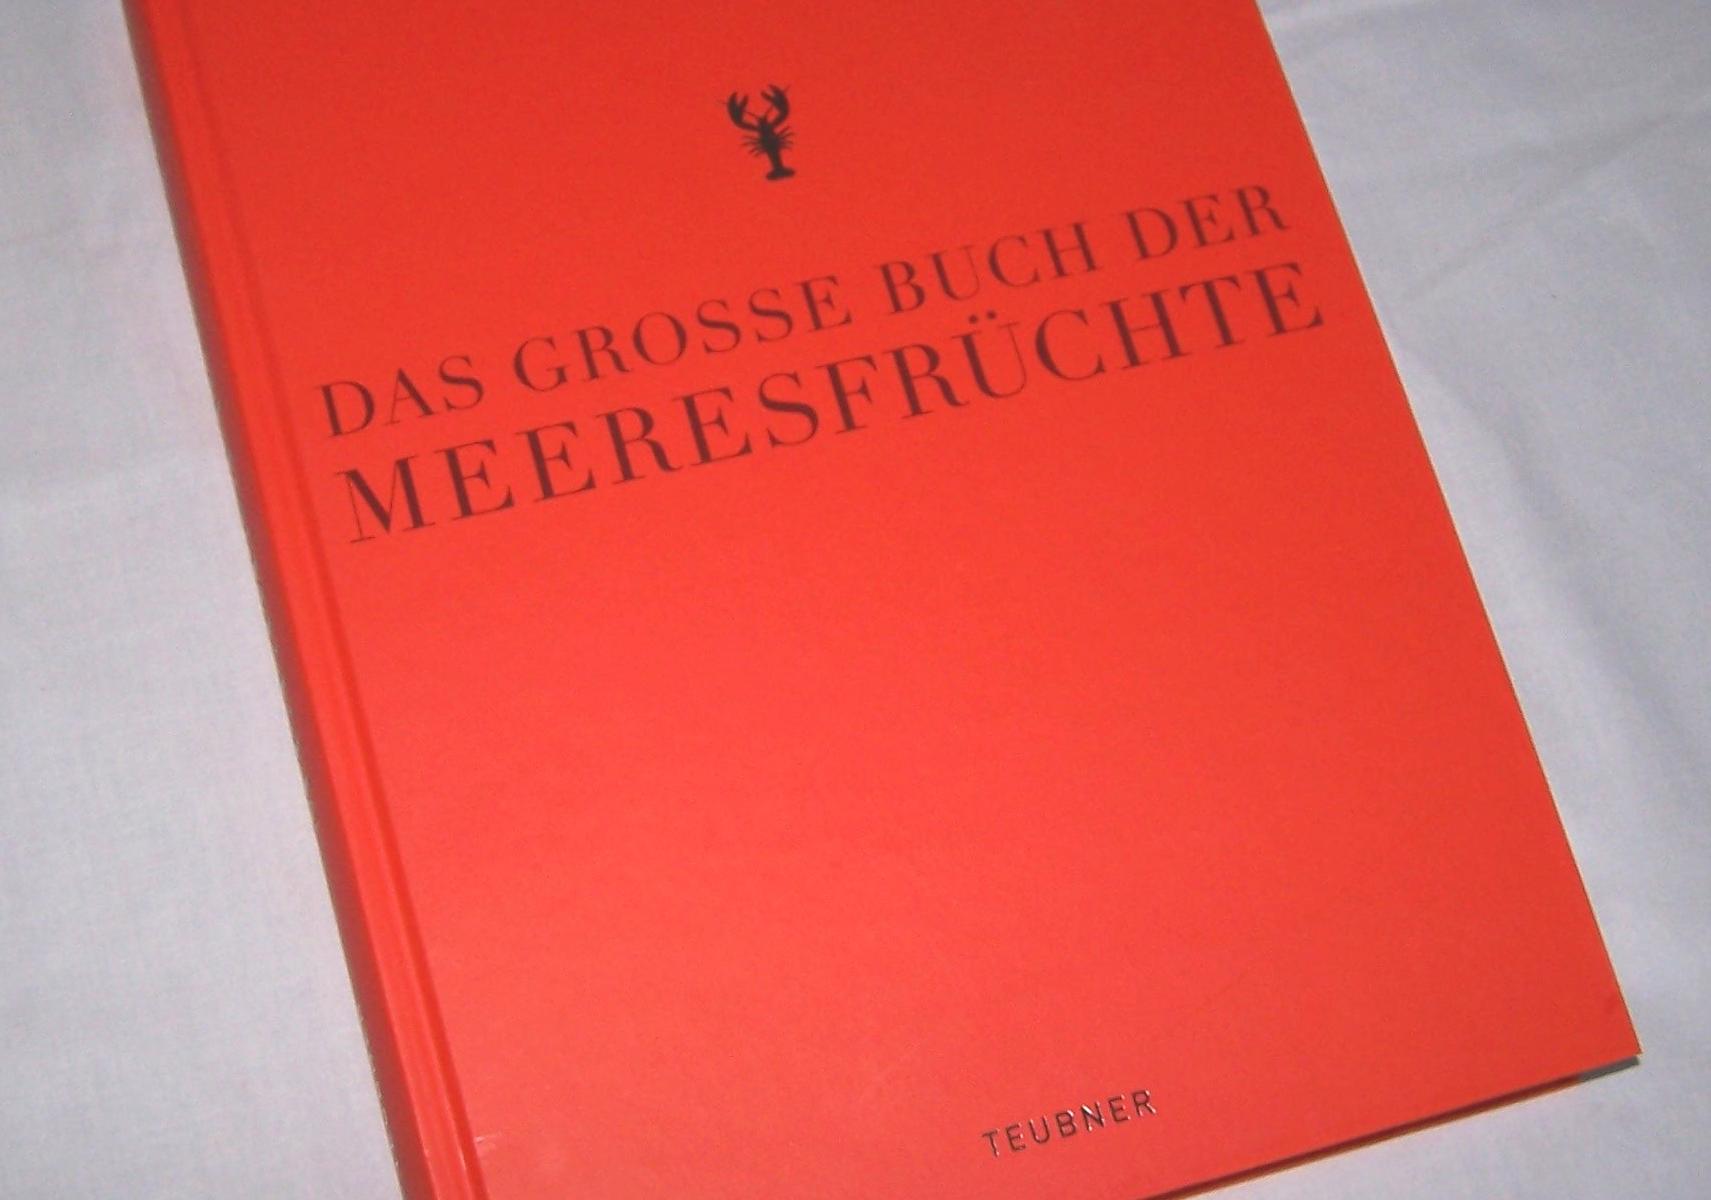 Literatur - Sachbücher - Das große Buch der Meeresfrüchte, Teubner-Verlag